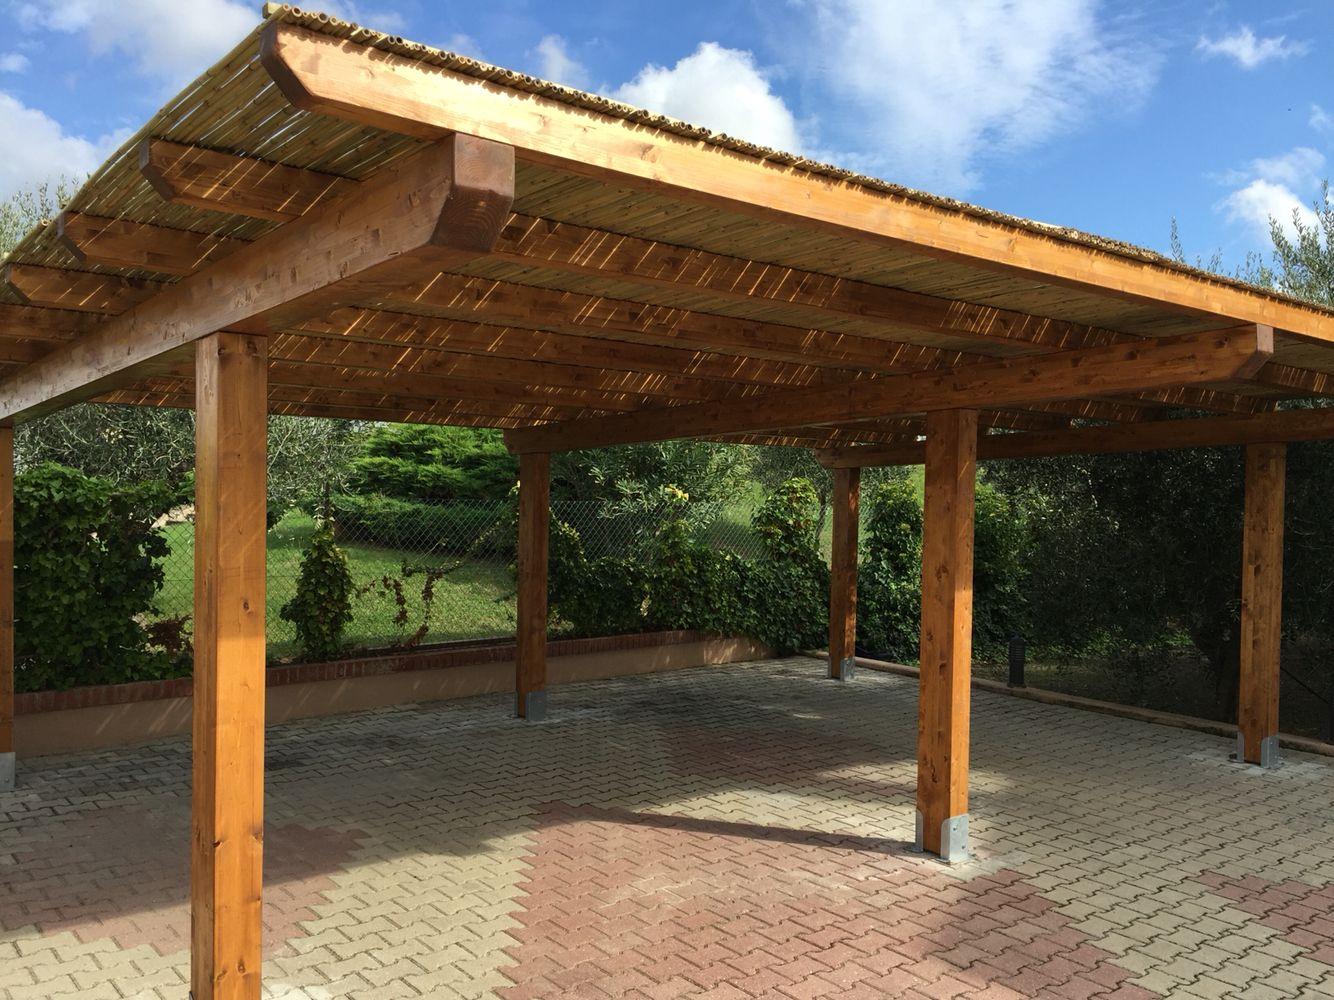 Tettoia per auto con copertura in canne di bamb for Canne di bambu per arredamento